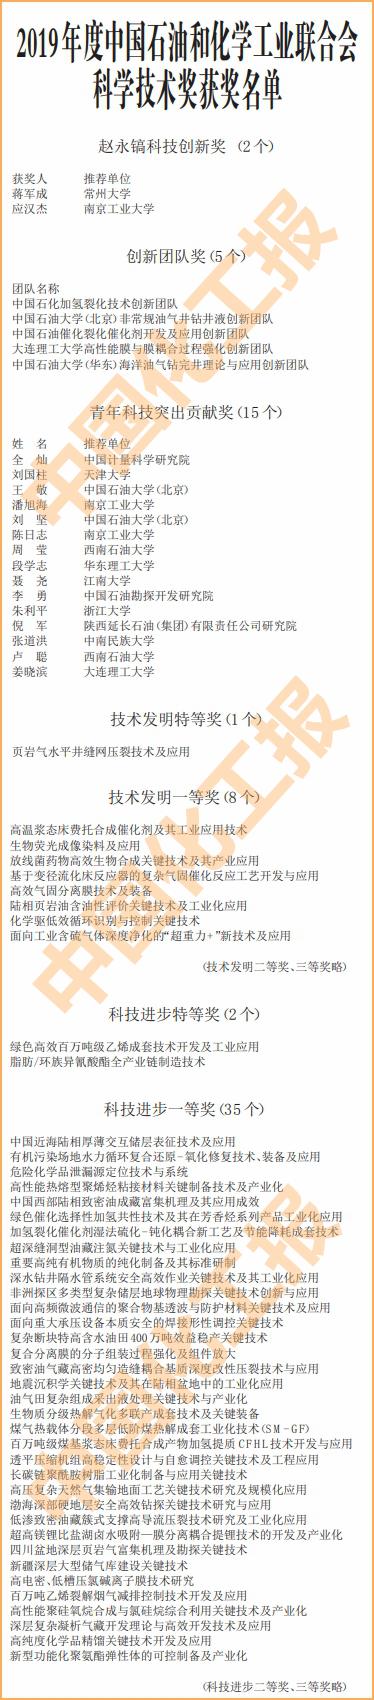 NeoImage_副本.png